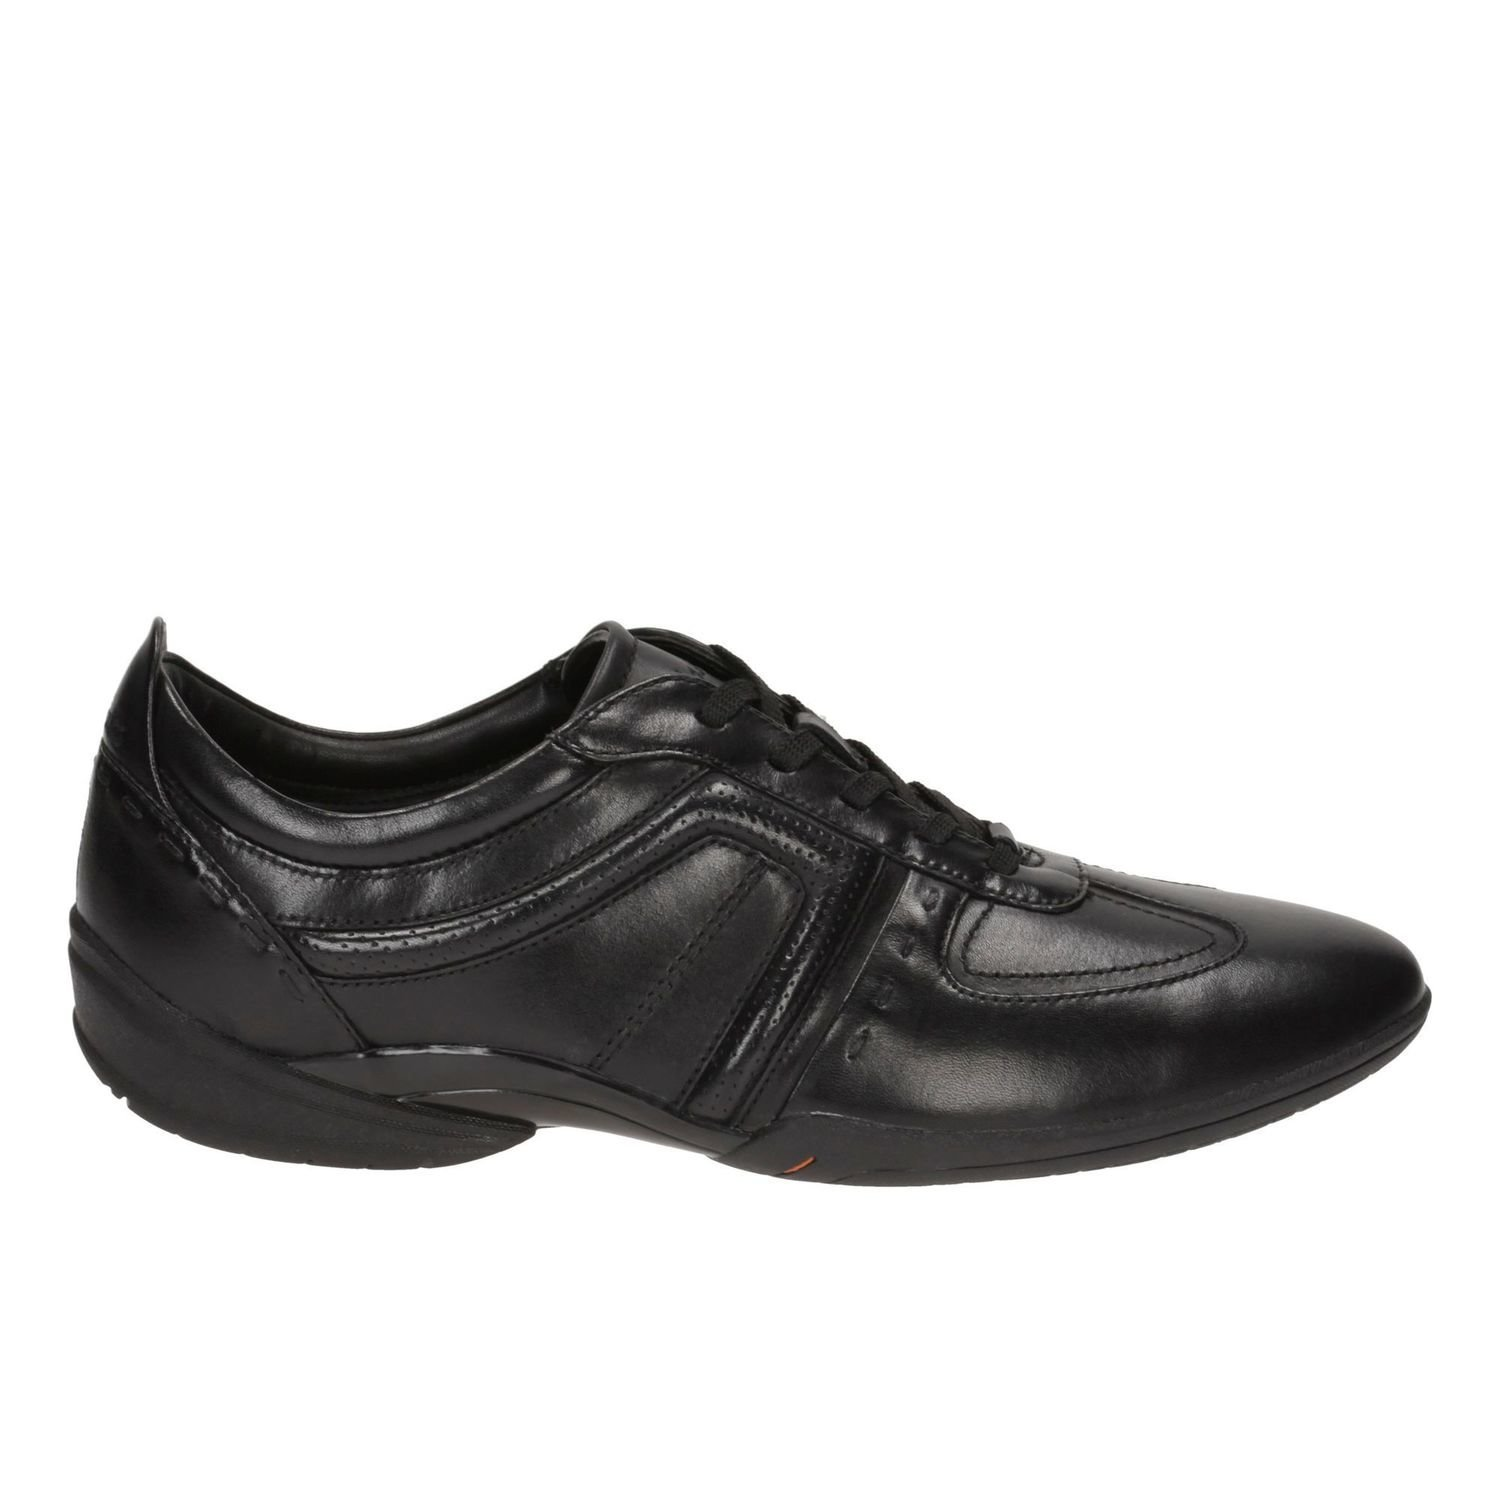 Zapatos Flux Spring Cuero Negro TN-2380133